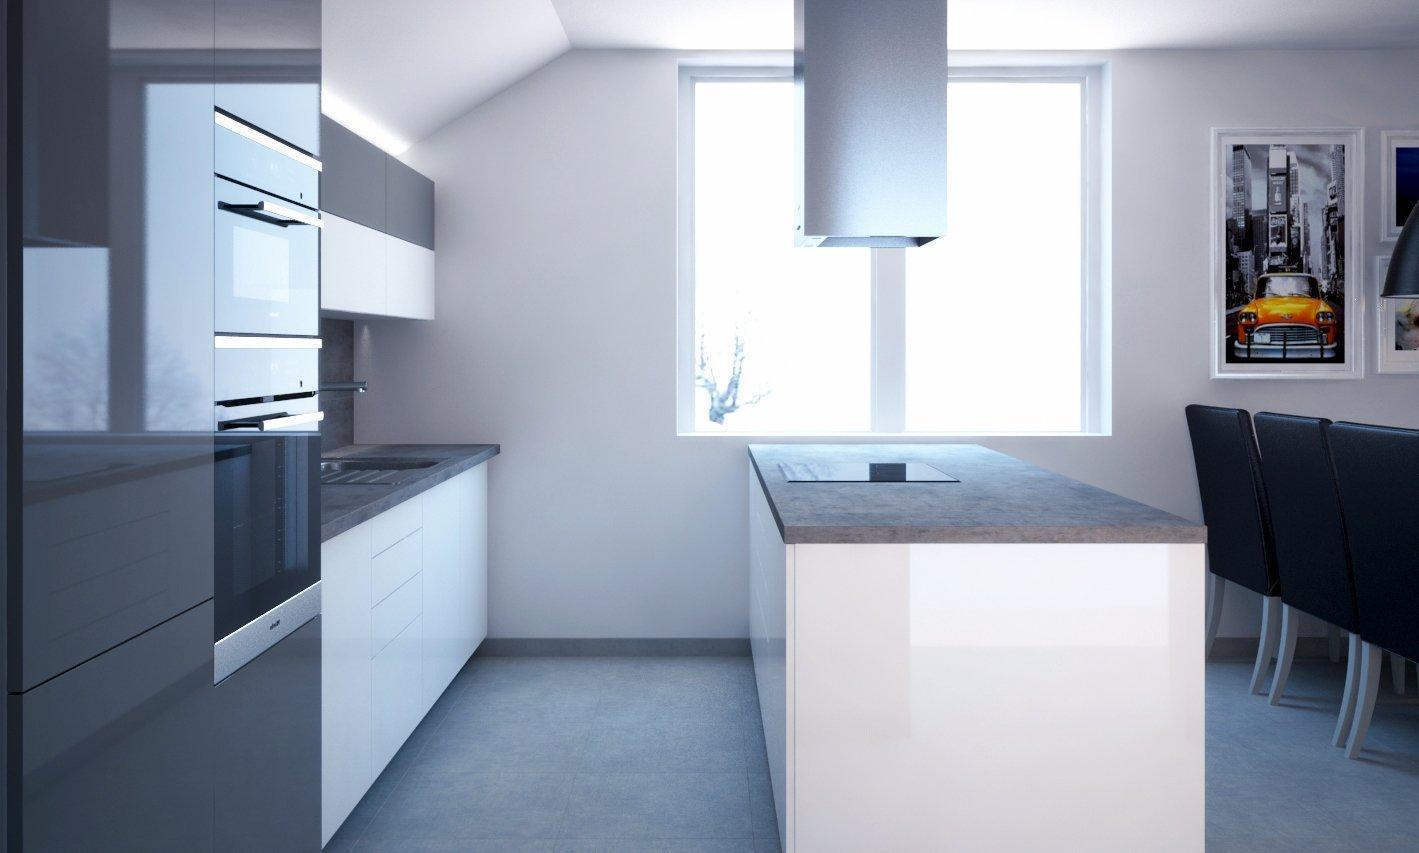 Dvougenerační rodinný dům plný malých cimer jsme proměnili ve velkorysý společenský prostor spojený s kuchyní a vsazenou jídelnou. Po důkladné konzaltaci s…